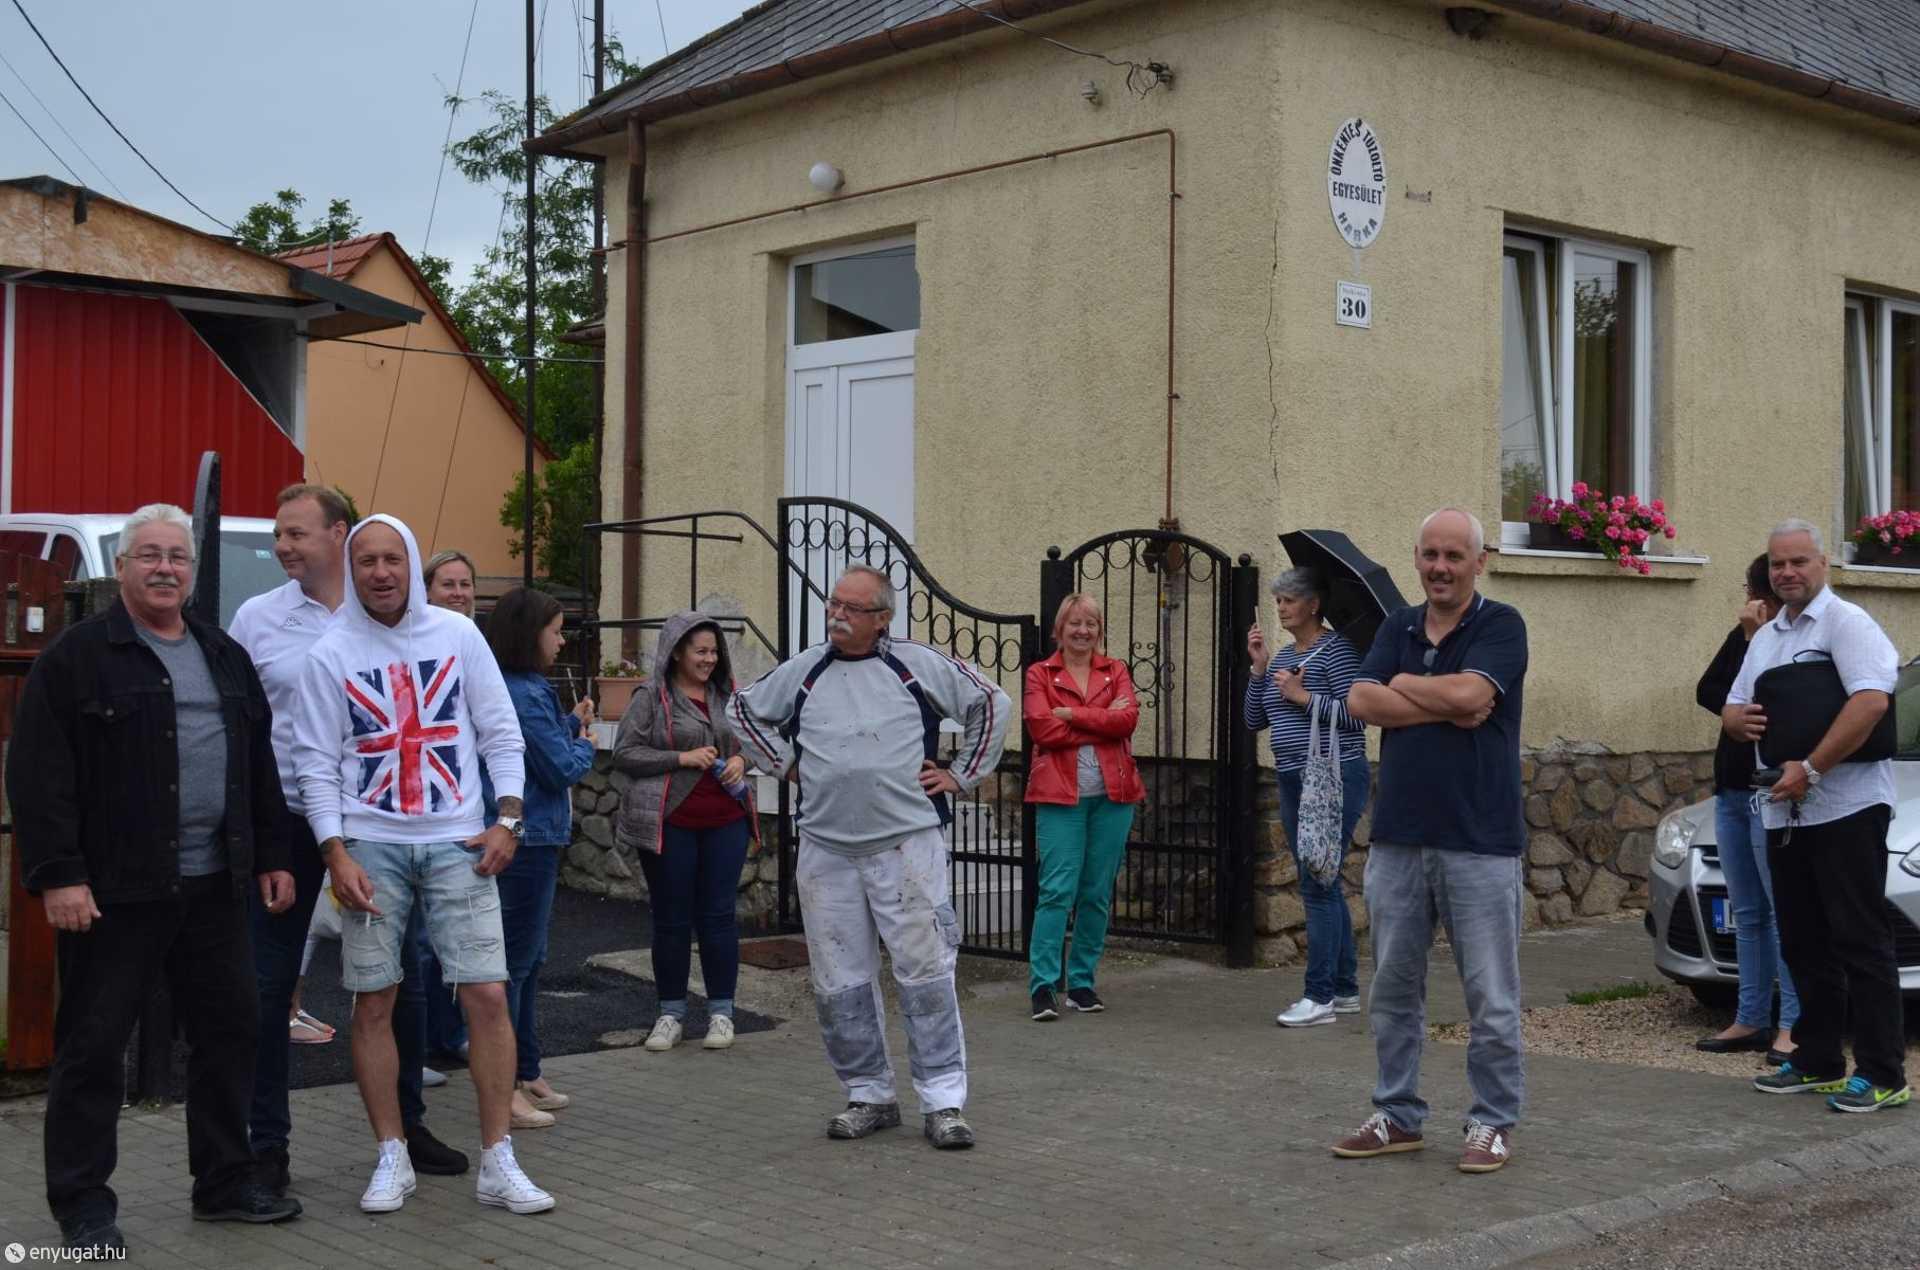 A harkaiak az elmaradt ülés után az utcán beszélték ki a történteket.